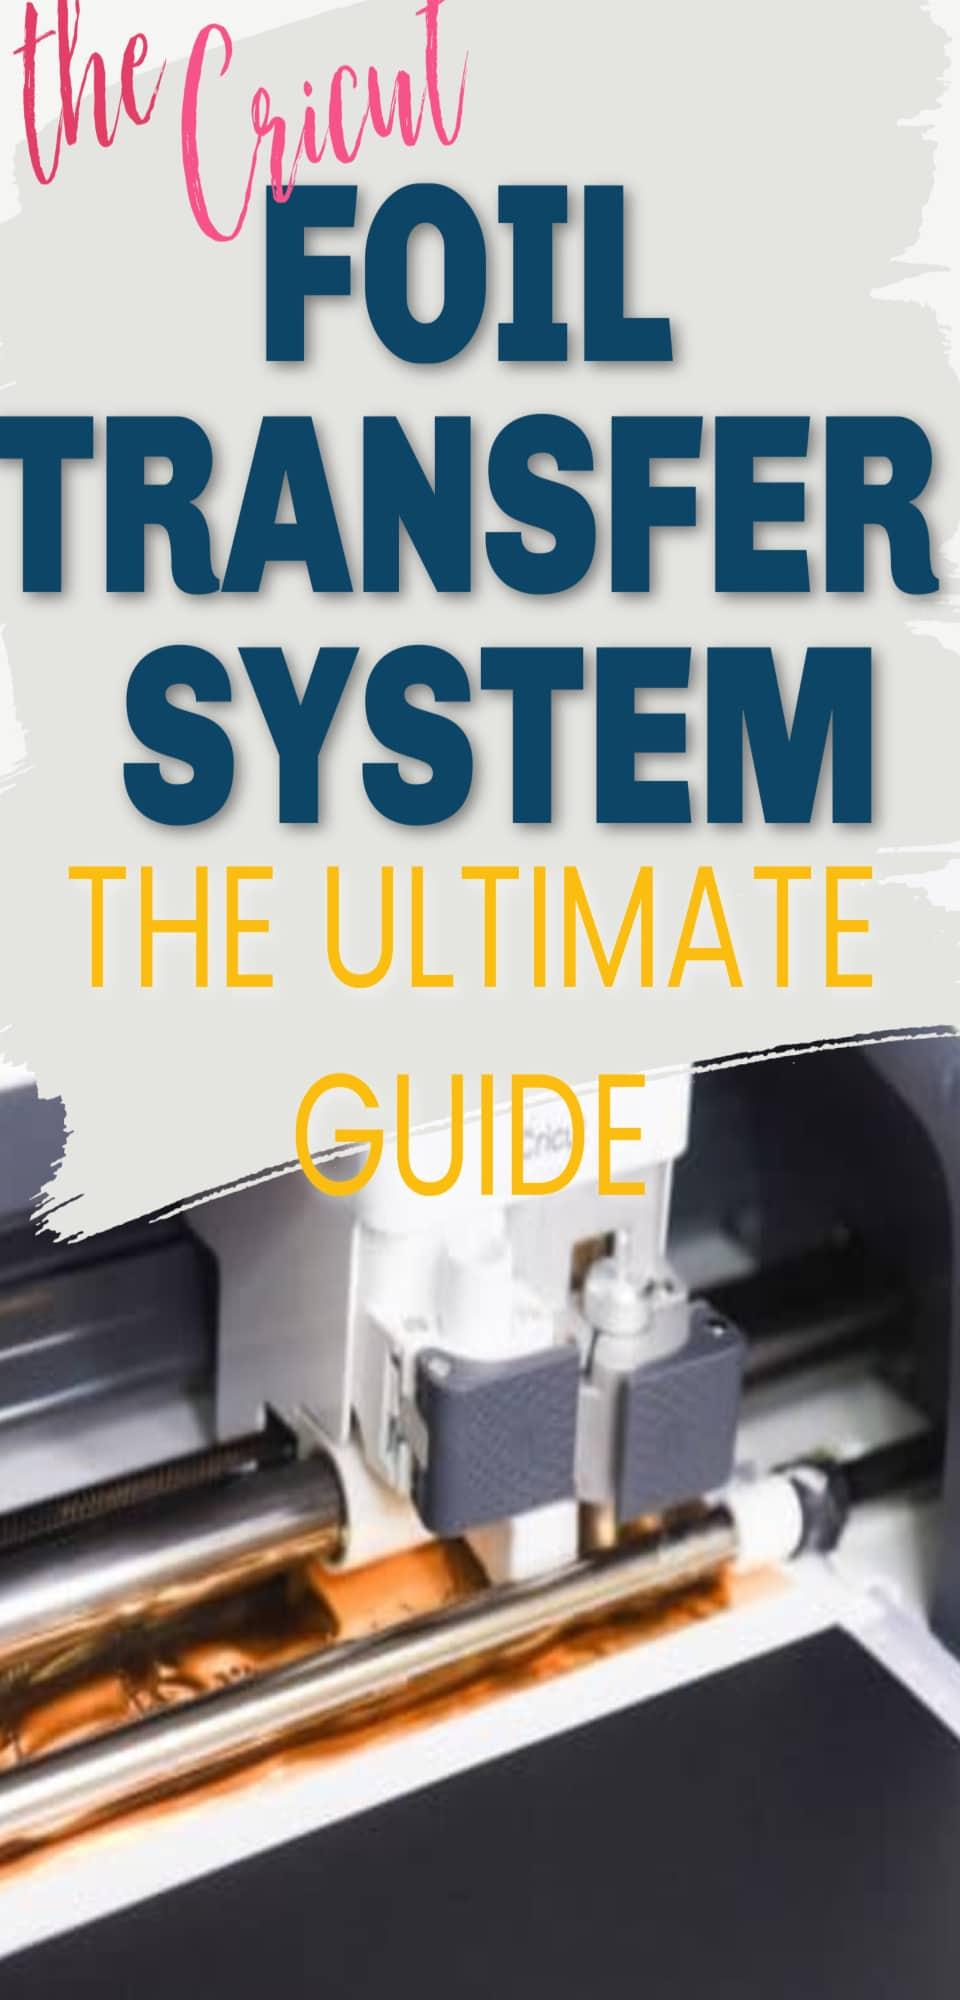 The Cricut Foil Transfer Tool Kit: The Ultimate Starter Guide via @clarkscondensed